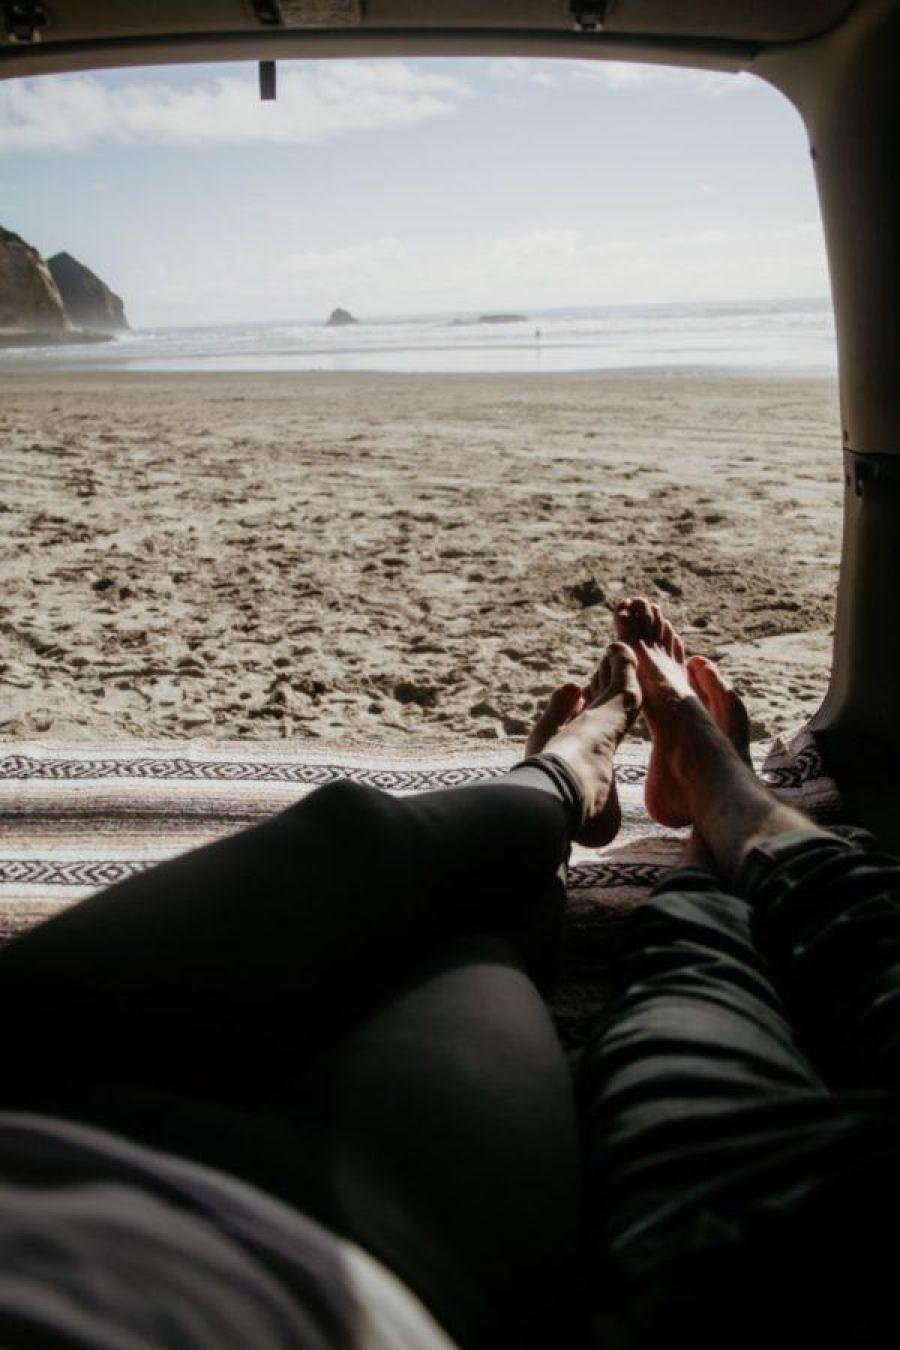 サーフィンを一緒にすれば一緒にいる時間が増える